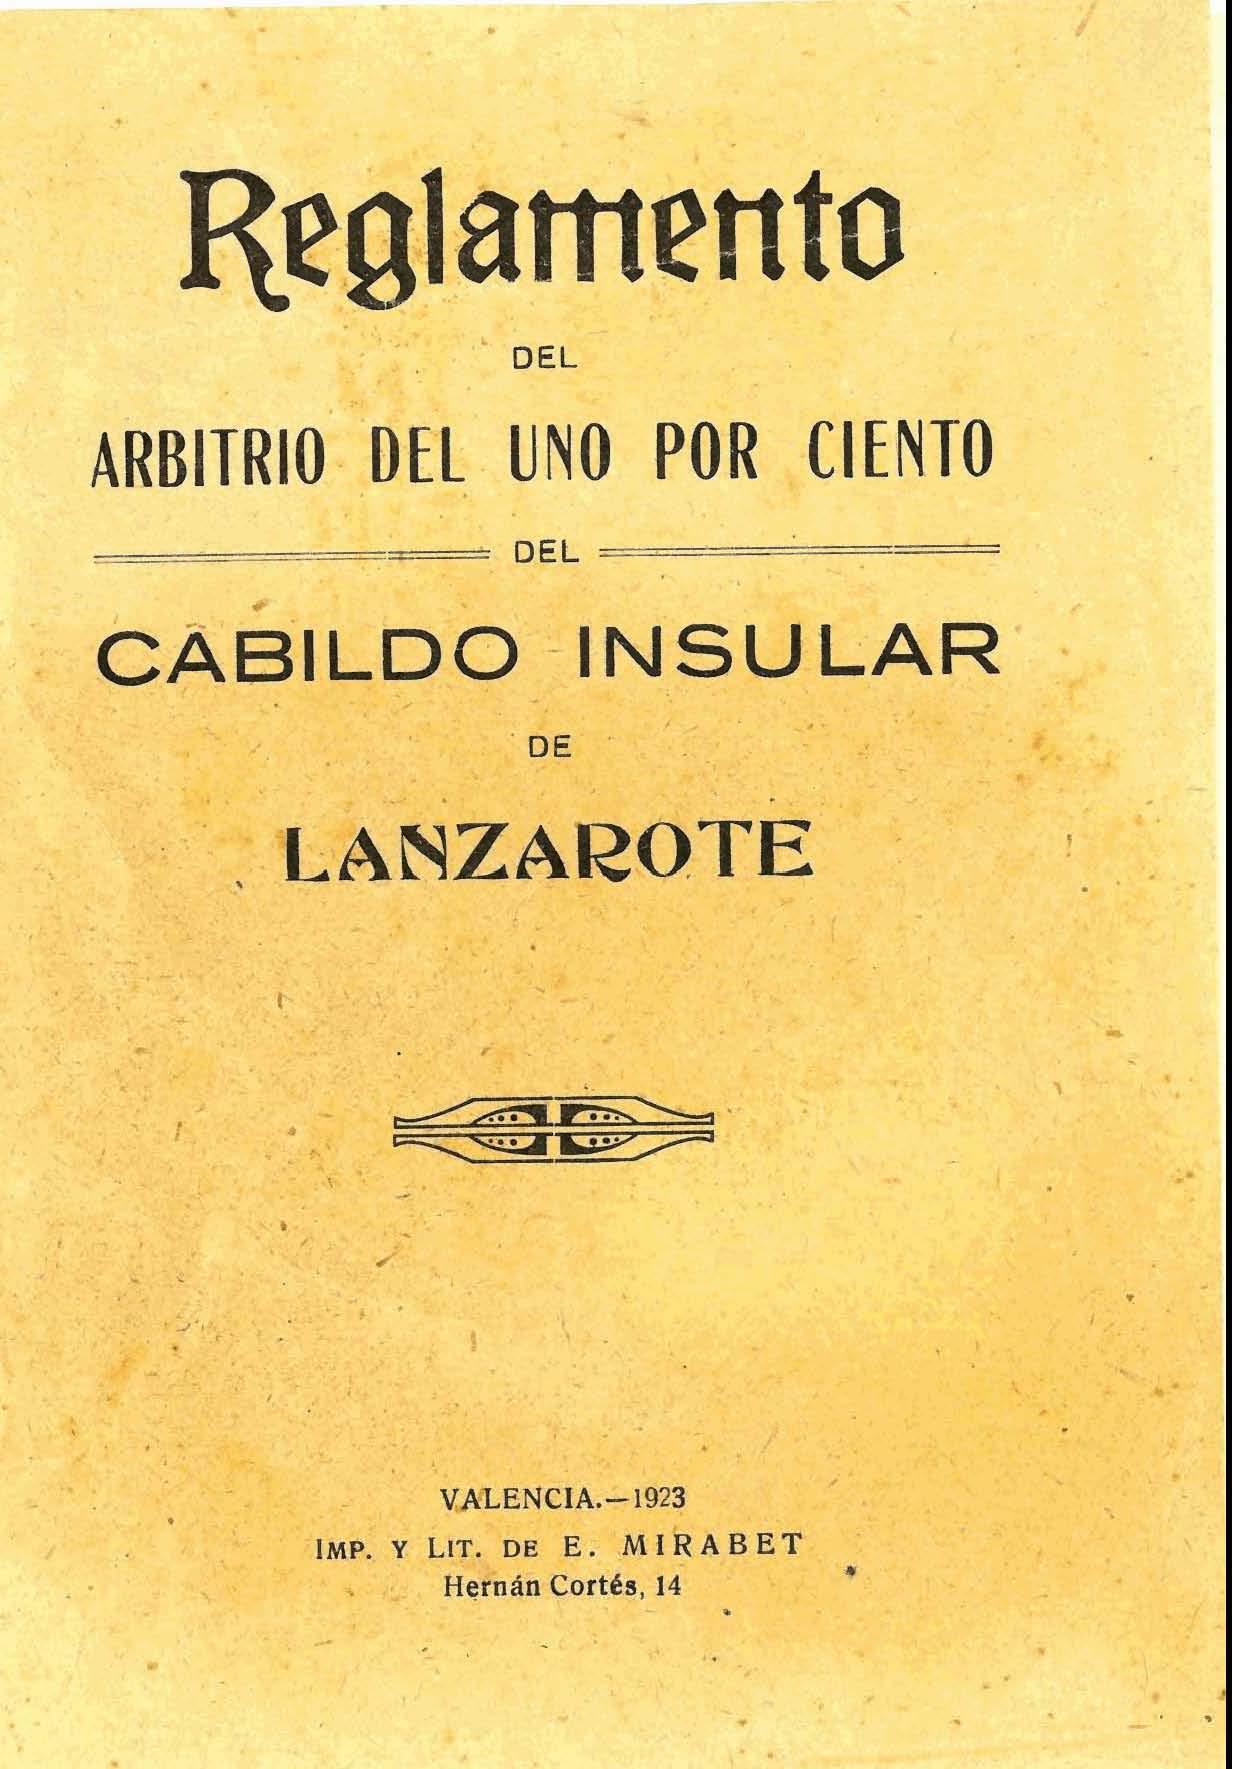 Reglamento del arbitrio del uno por ciento del Cabildo Insular de Lanzarote II